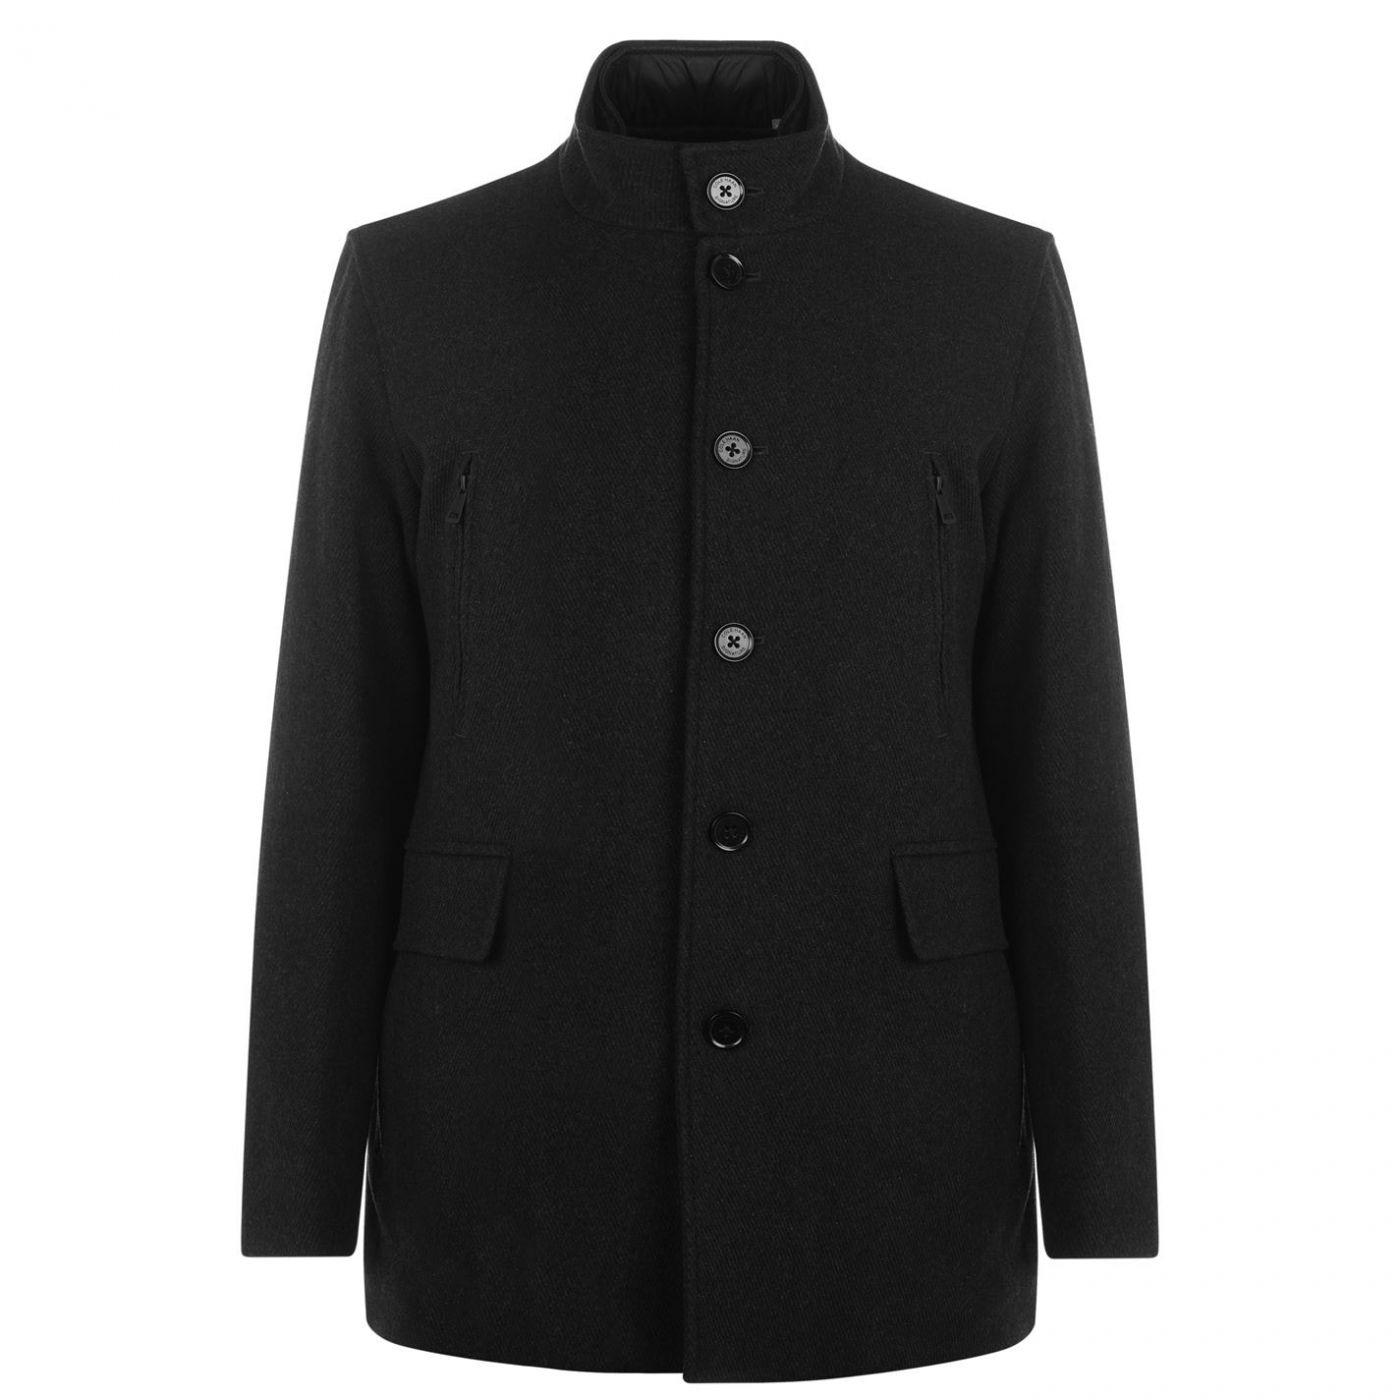 Cole Haan Wool Jacket Mens